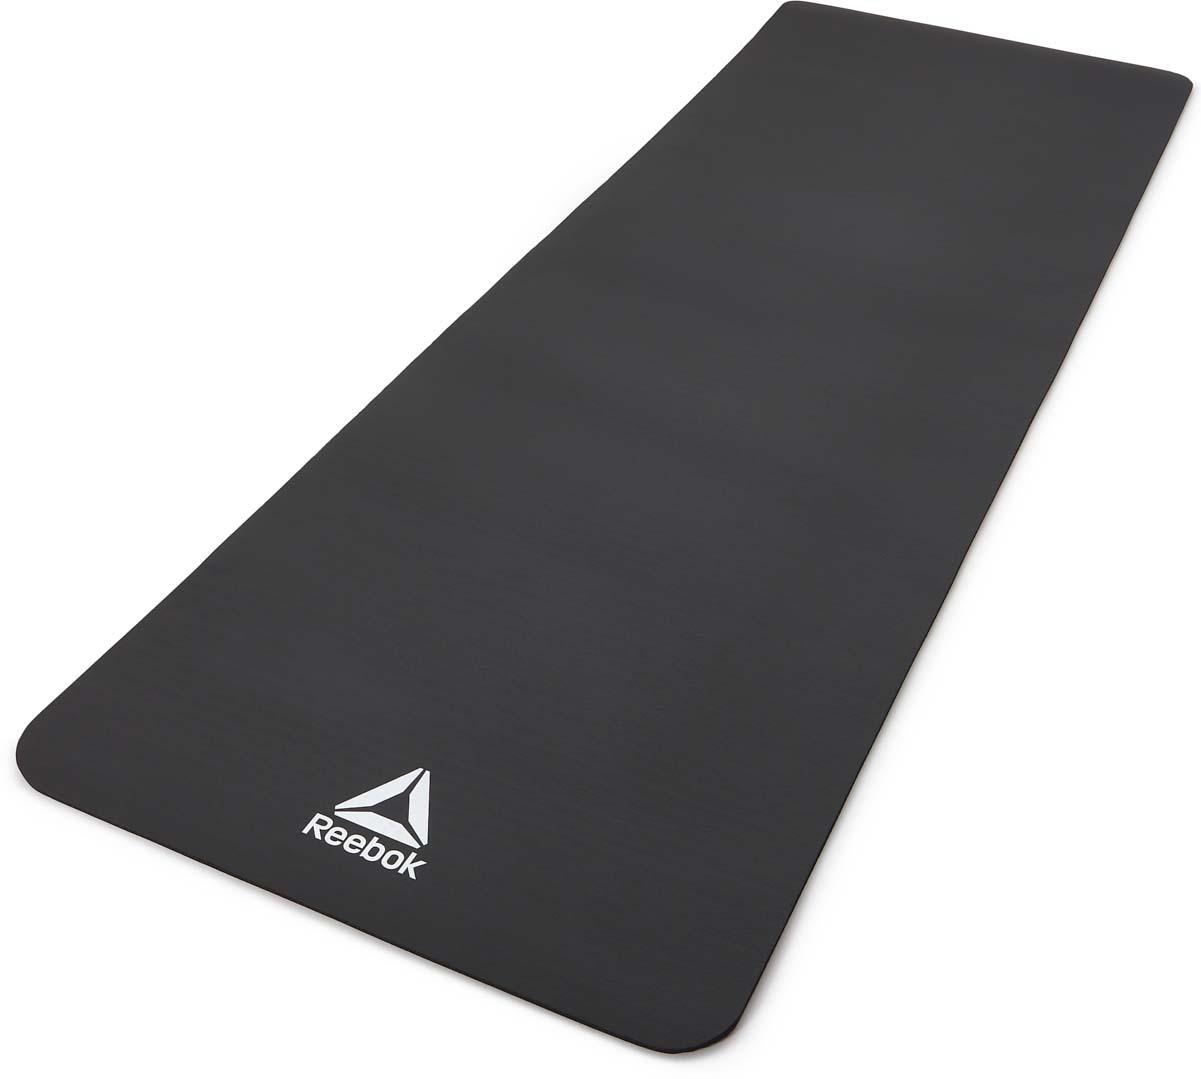 Коврик тренировочный Adidas, цвет: черный, толщина 7 мм, длина 173 см